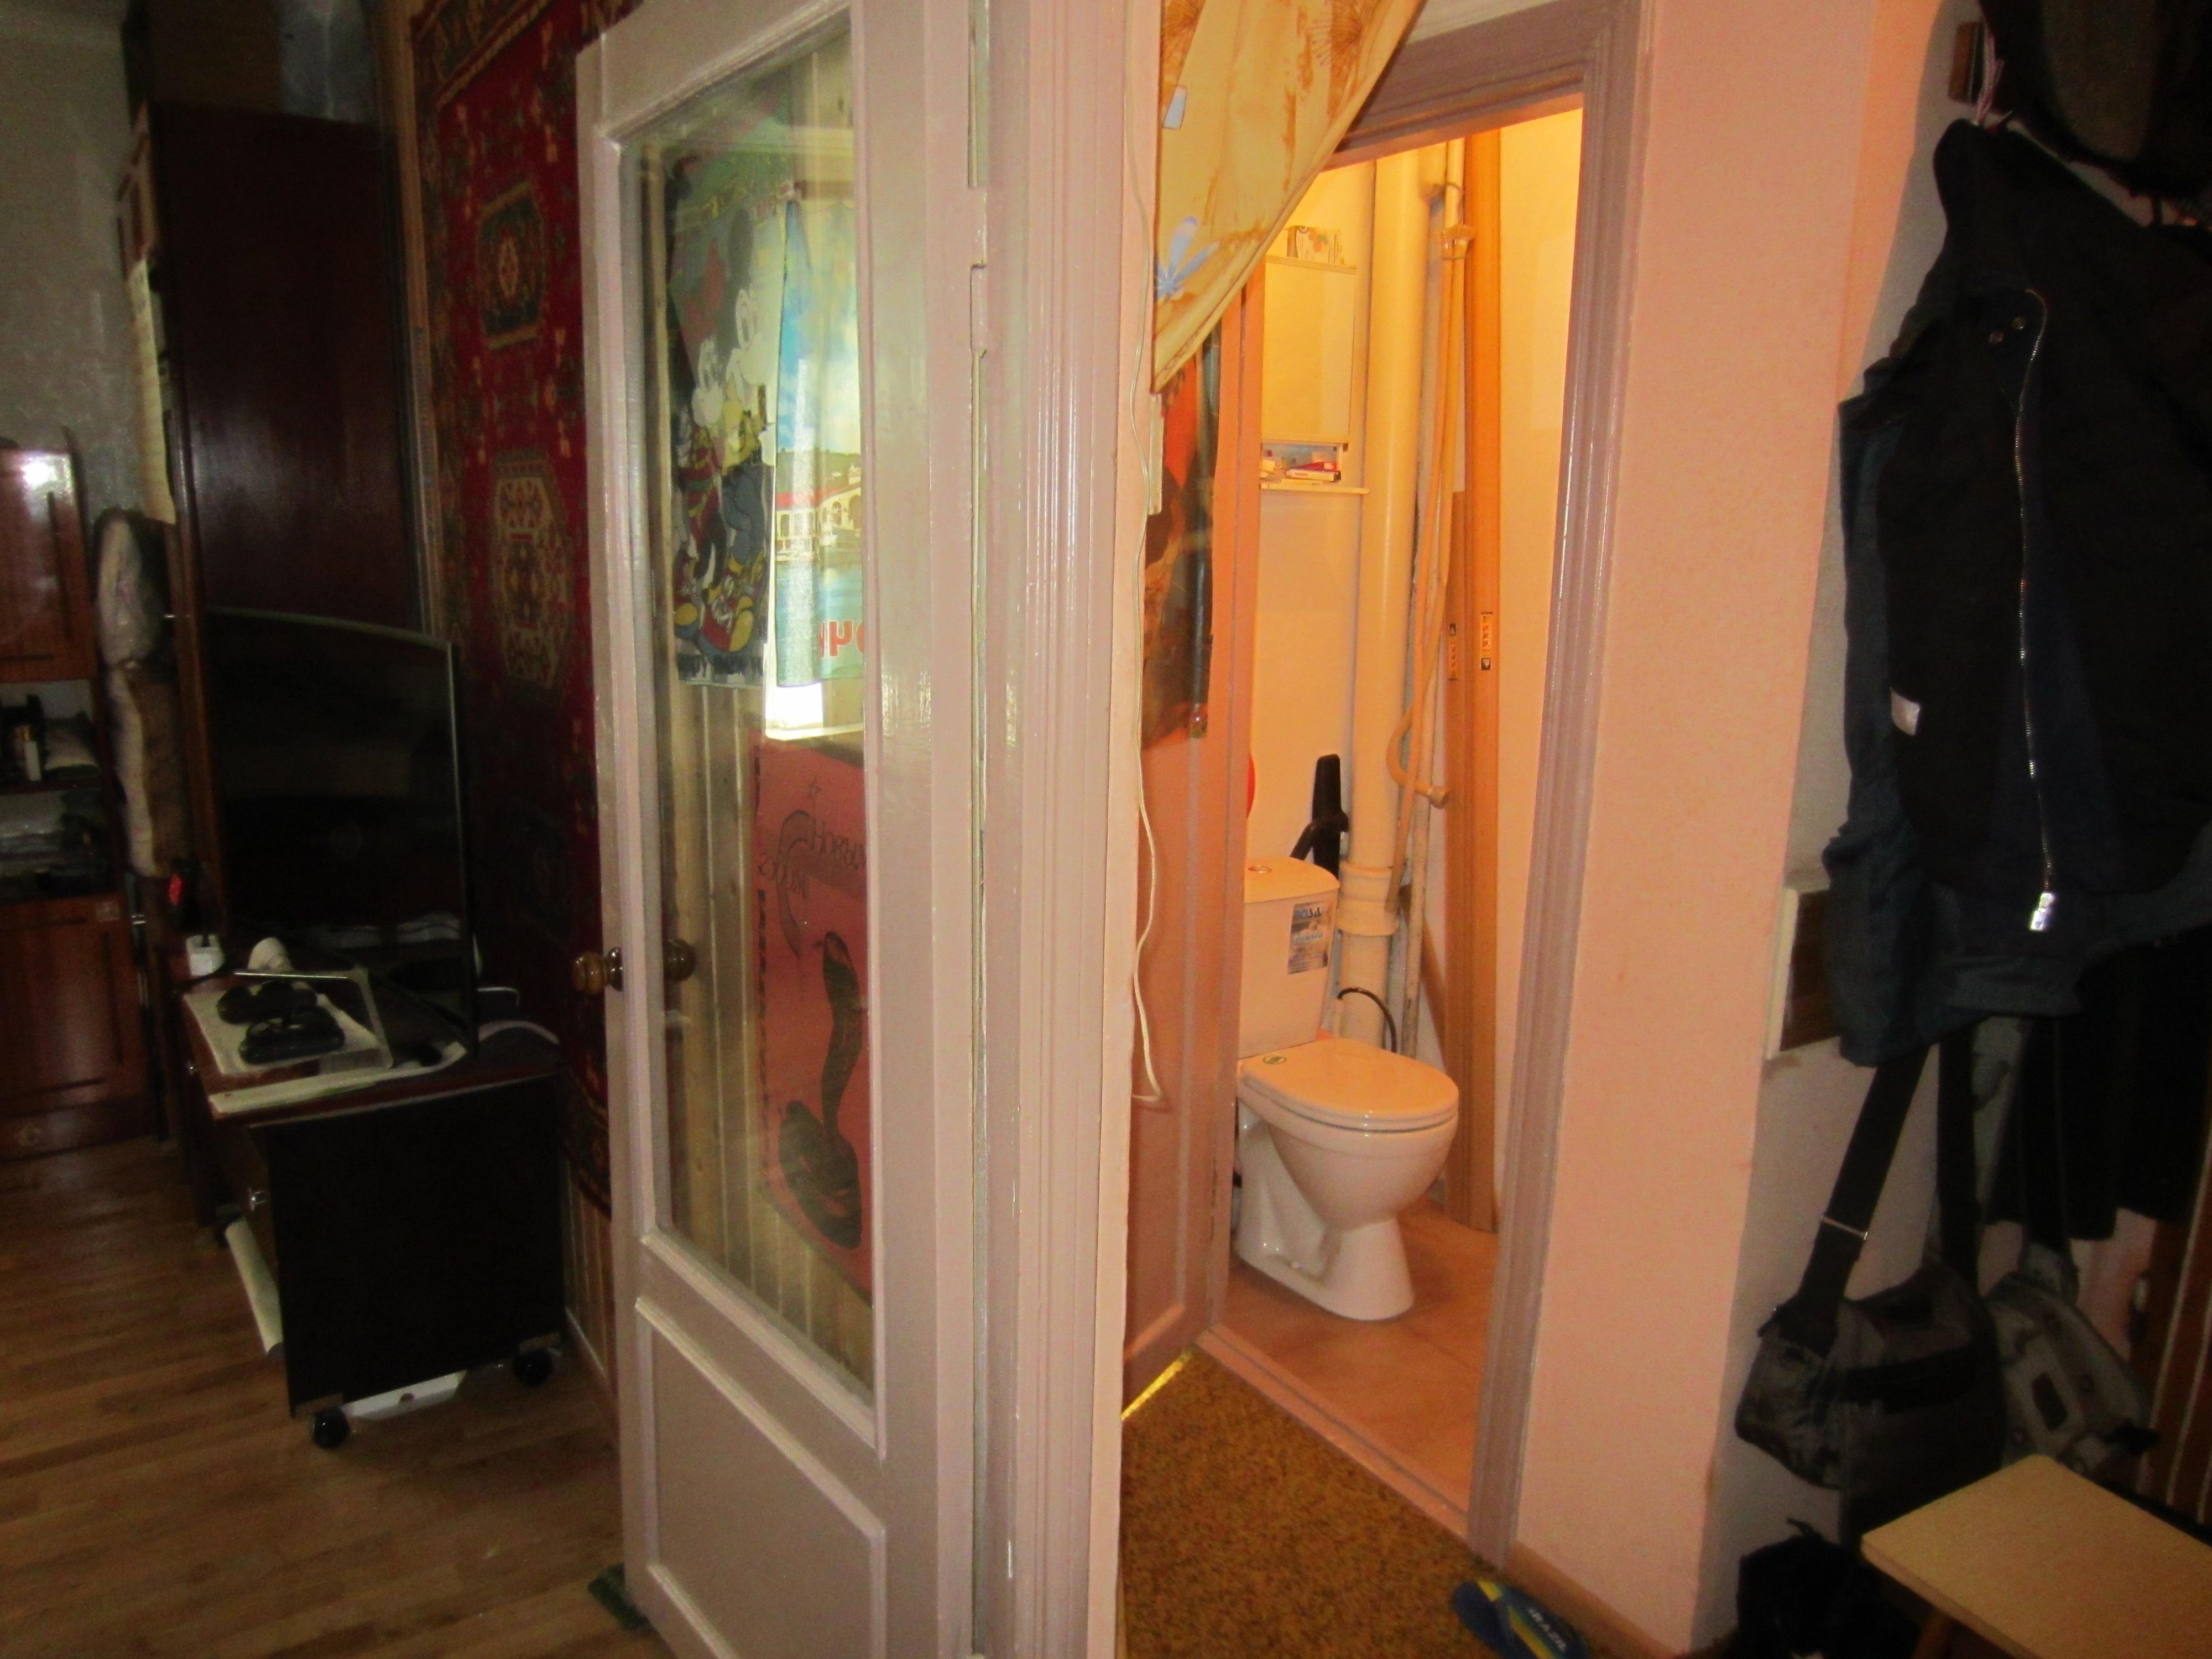 Продам - Продаю крупногабаритную 1 комнатную квартиру на ул. Калиновой. д. 30 -Калинина - цена: 4300000